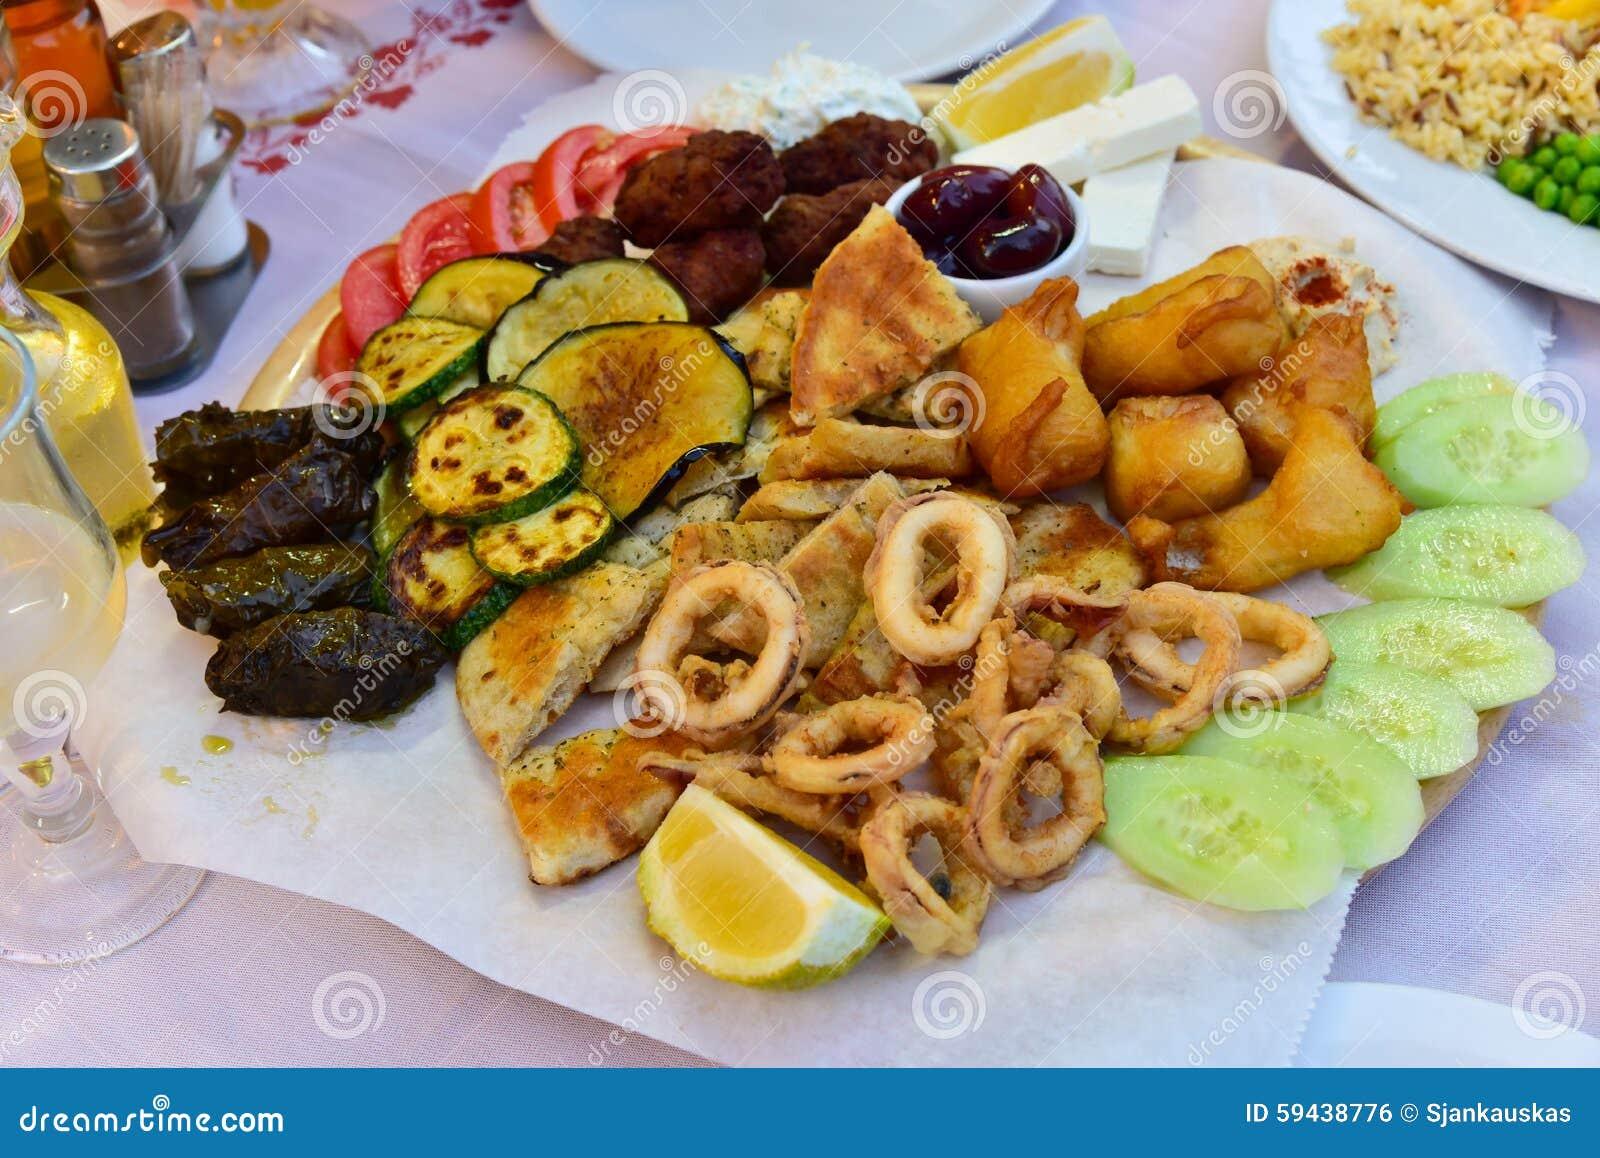 plat de m lange de coupes froides cuisine grecque photo stock image 59438776. Black Bedroom Furniture Sets. Home Design Ideas